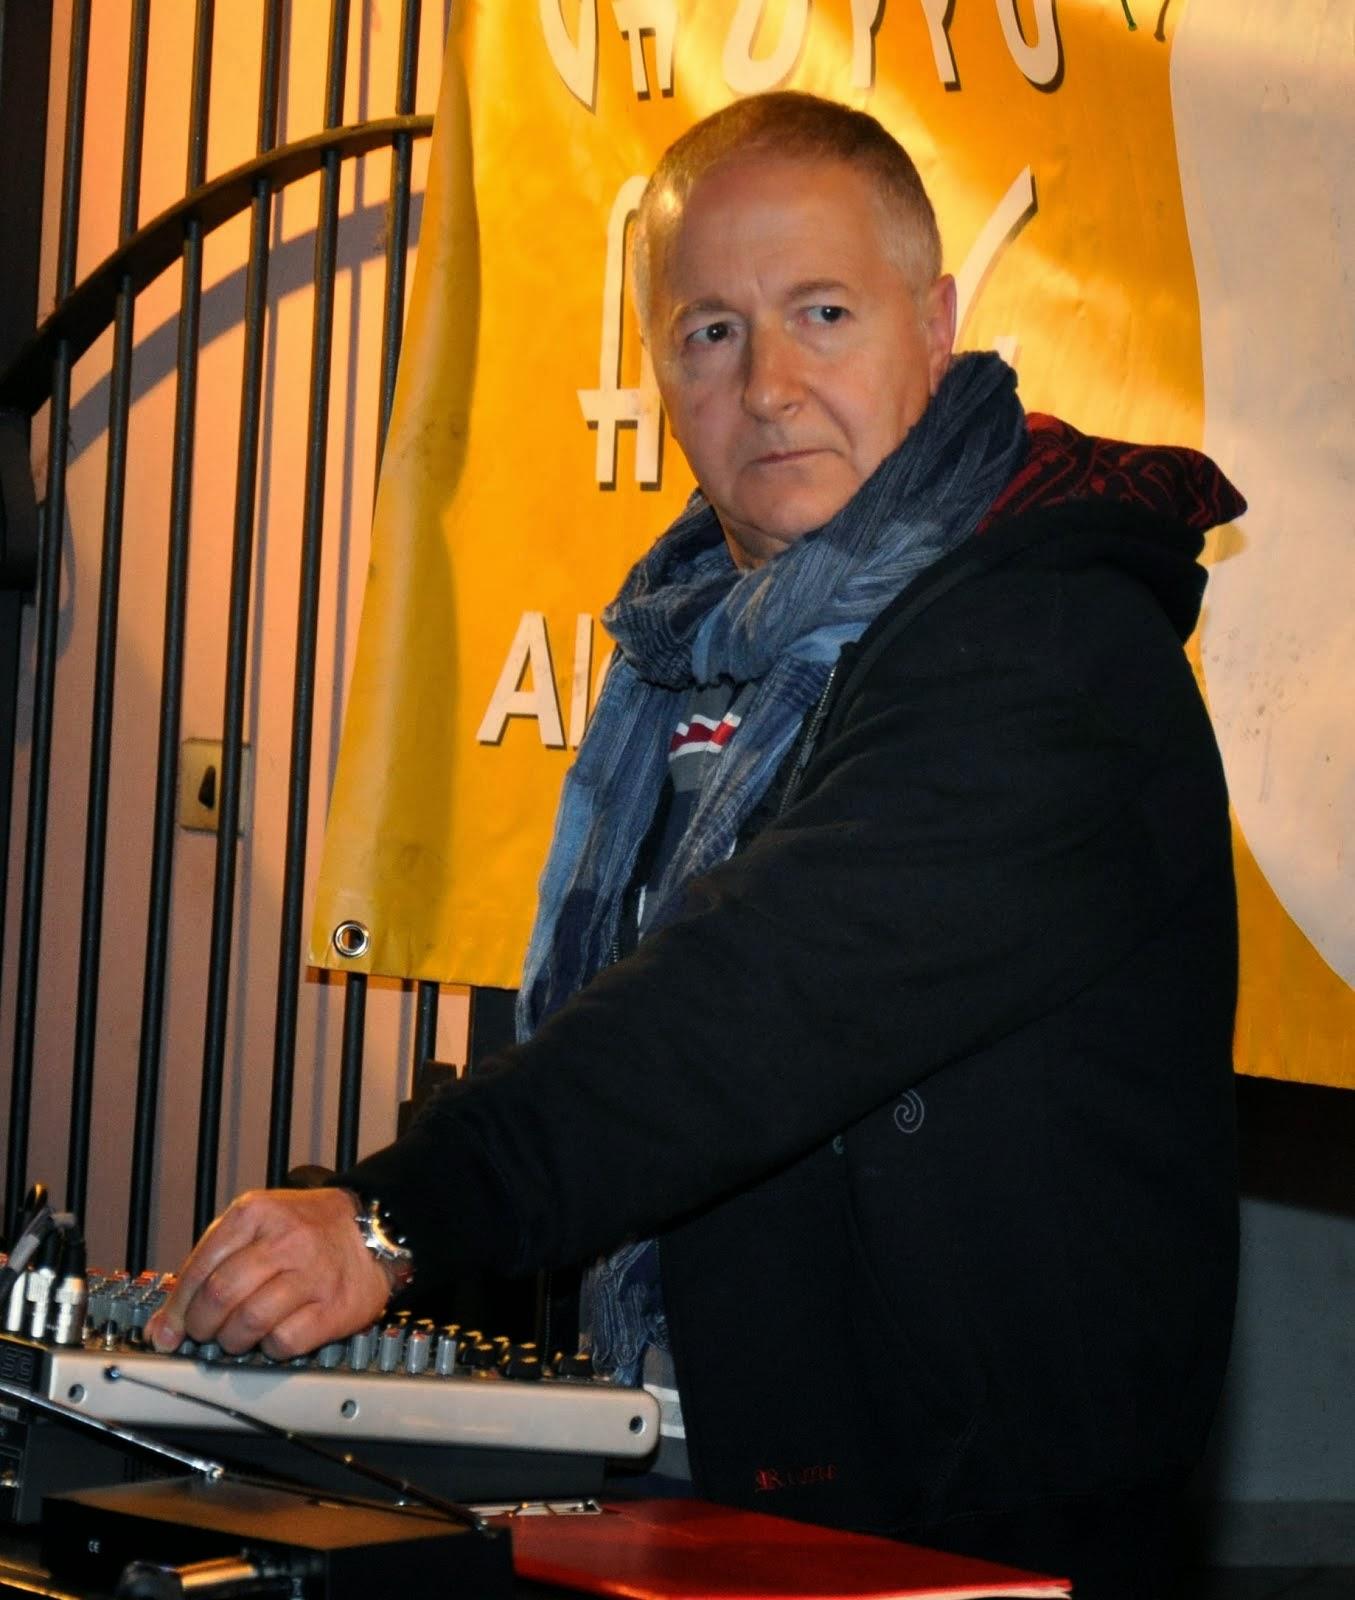 VISUALIZZA IL BLOG DEL DJ MARIO MOSSUTO